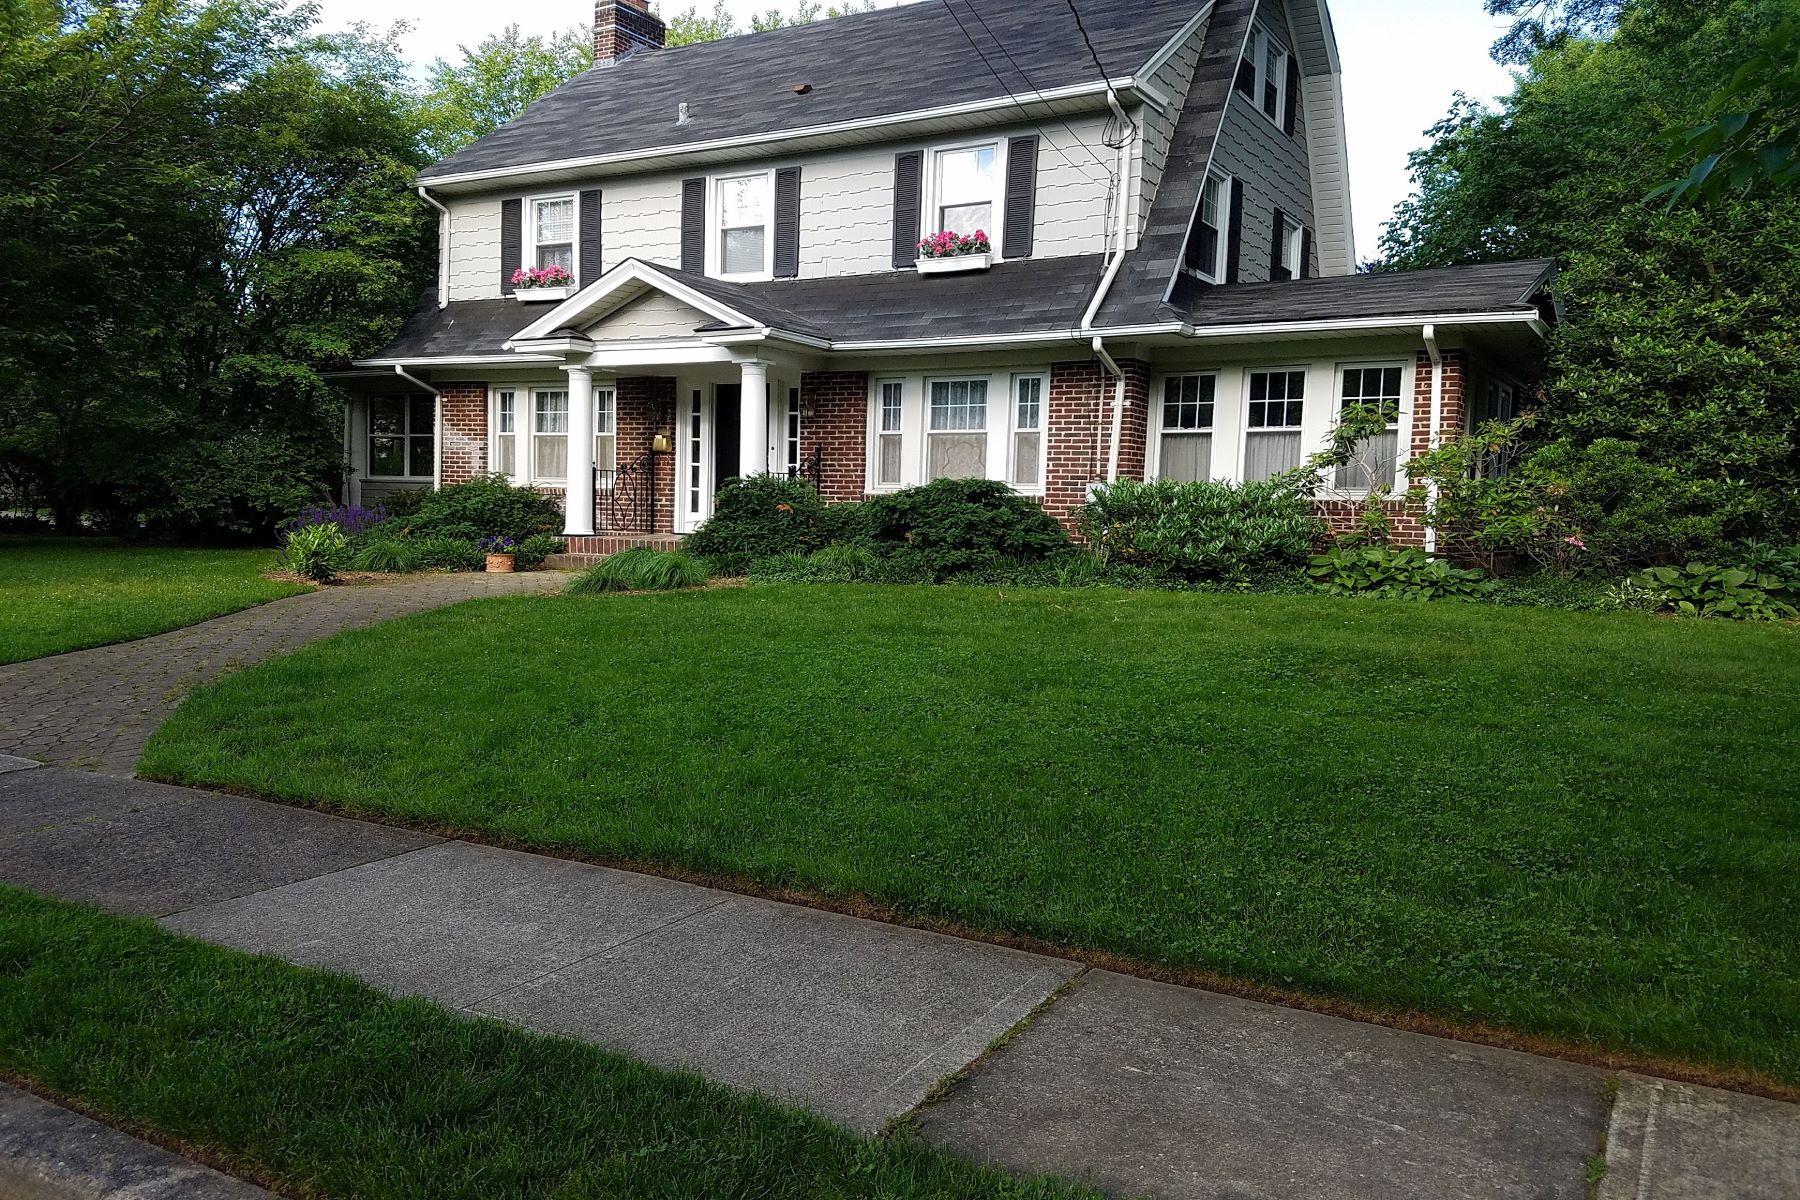 Частный односемейный дом для того Продажа на A Classic Glen Rock Home. 29 Tonawanda Road Glen Rock, Нью-Джерси 07452 Соединенные Штаты